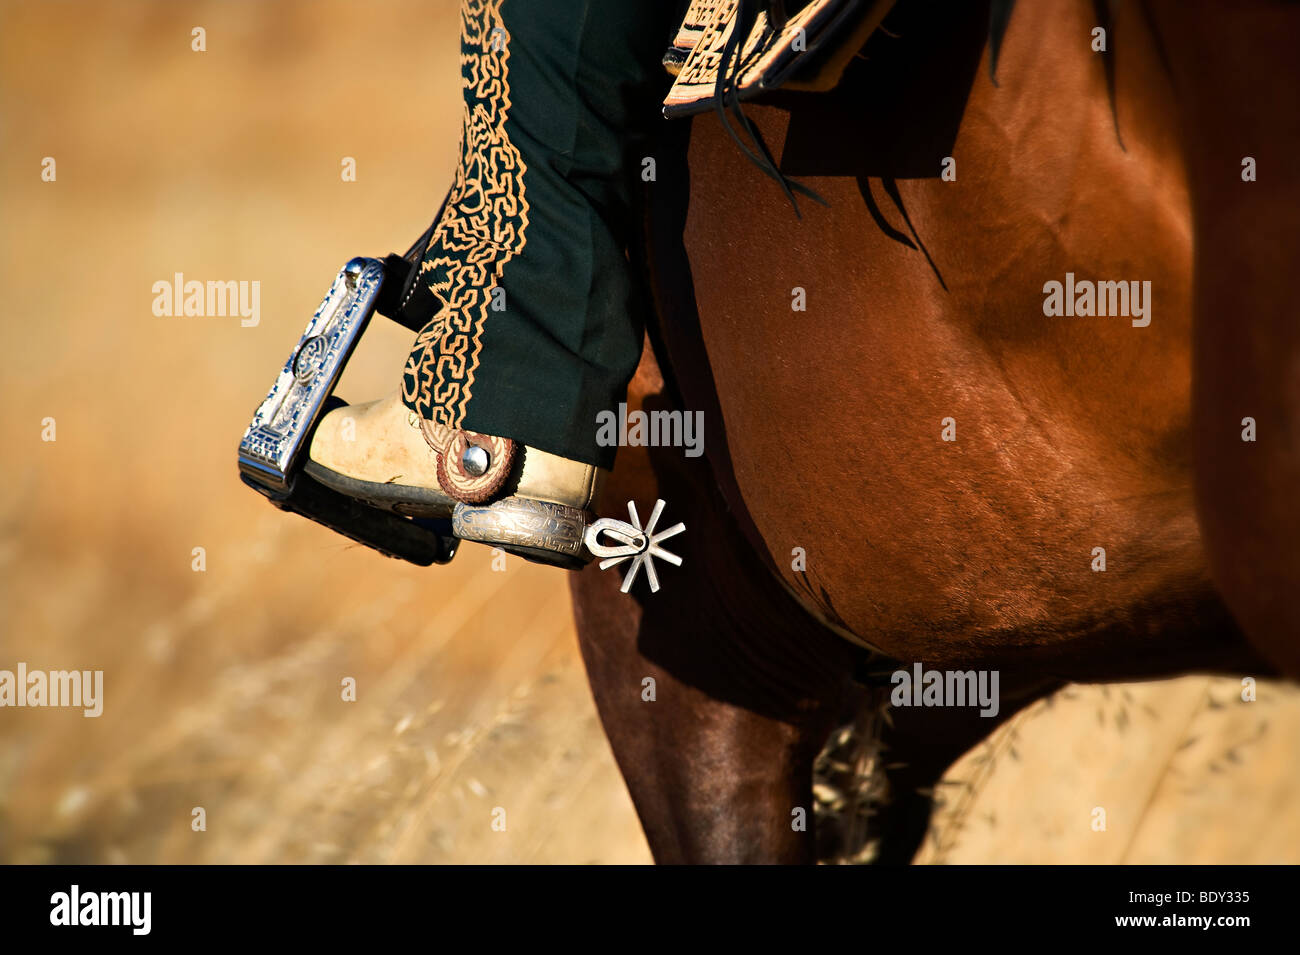 Charro Rider's et le détail sur l'amorçage Photo Stock